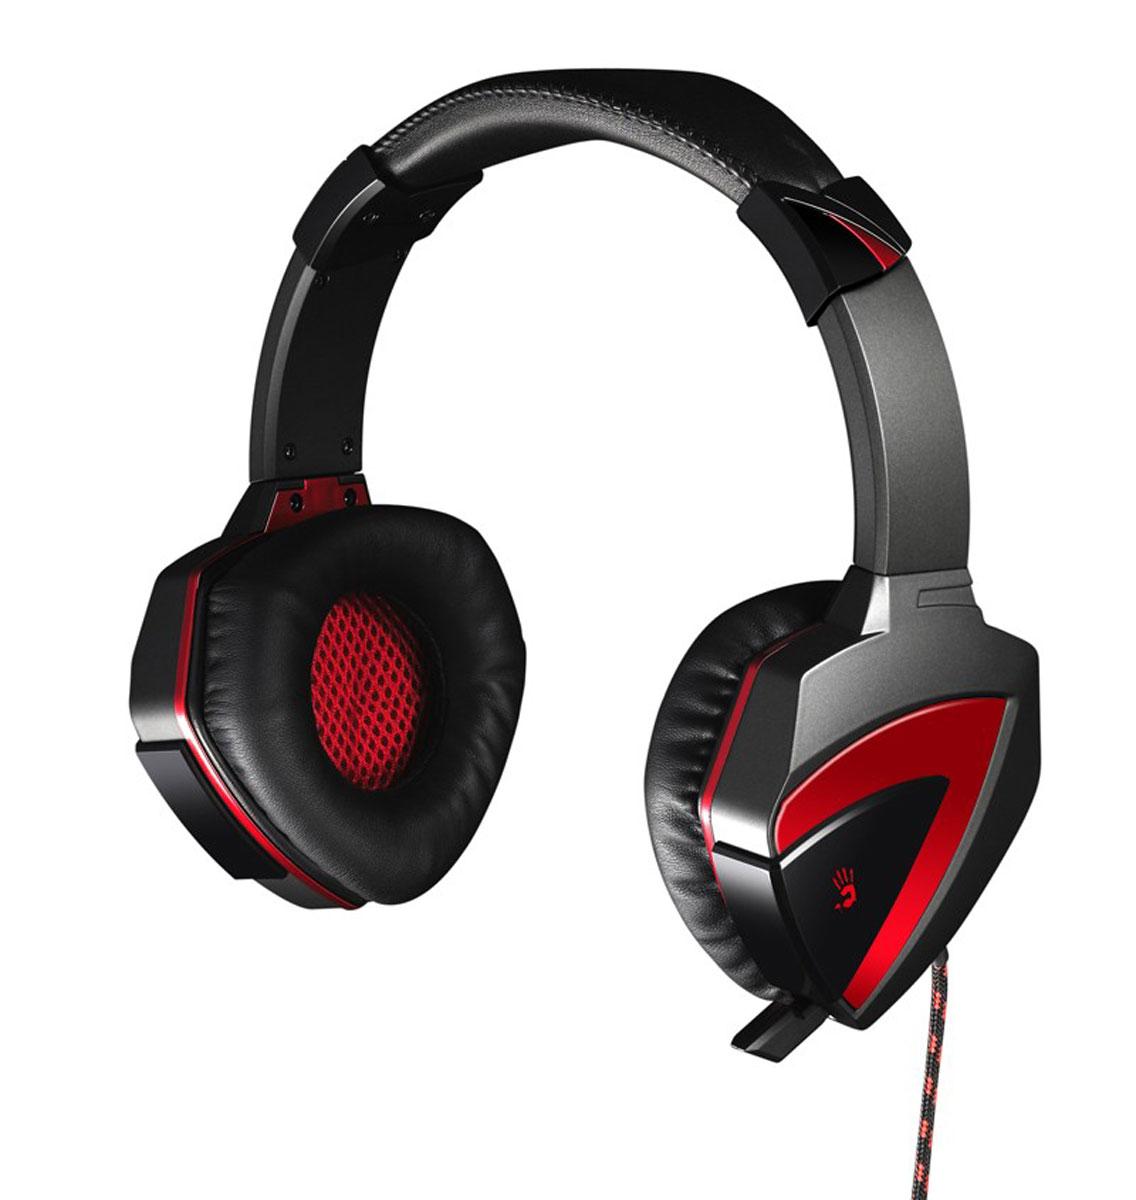 A4Tech Bloody G501, Black игровая гарнитураG501Игровая гарнитура Bloody G501 обеспечивают полноценное объемное звучание в формате 7.1, благодаря чему вы сможете почувствовать себя участником происходящего на экране. Гарнитура создана для полного погружения игрока в виртуальный мир! Выдвижной микрофон: Если вы не используете микрофон, то можете его спрятать и использовать гарнитуру как мониторные наушники. Альтернативные настройки голоса в микрофоне: Воспользуйтесь одним из пяти эффектов настройки звучания голоса выбирайте режим работы микрофона (Original / Warcraft / Duck / Male-Female / Female-Male). Безупречный комфорт: Оголовье наушников регулируется, а амбушюры созданы специально для комфортного прослушивания. Раковины вращаются на 360 градусов, что создает максимальный комфорт для пользователя! Шумоподавление: Шумы полностью подавляются, что позволяет игроку не отвлекаться от игры. Легкий вес и компактность: Вес гарнитуры...